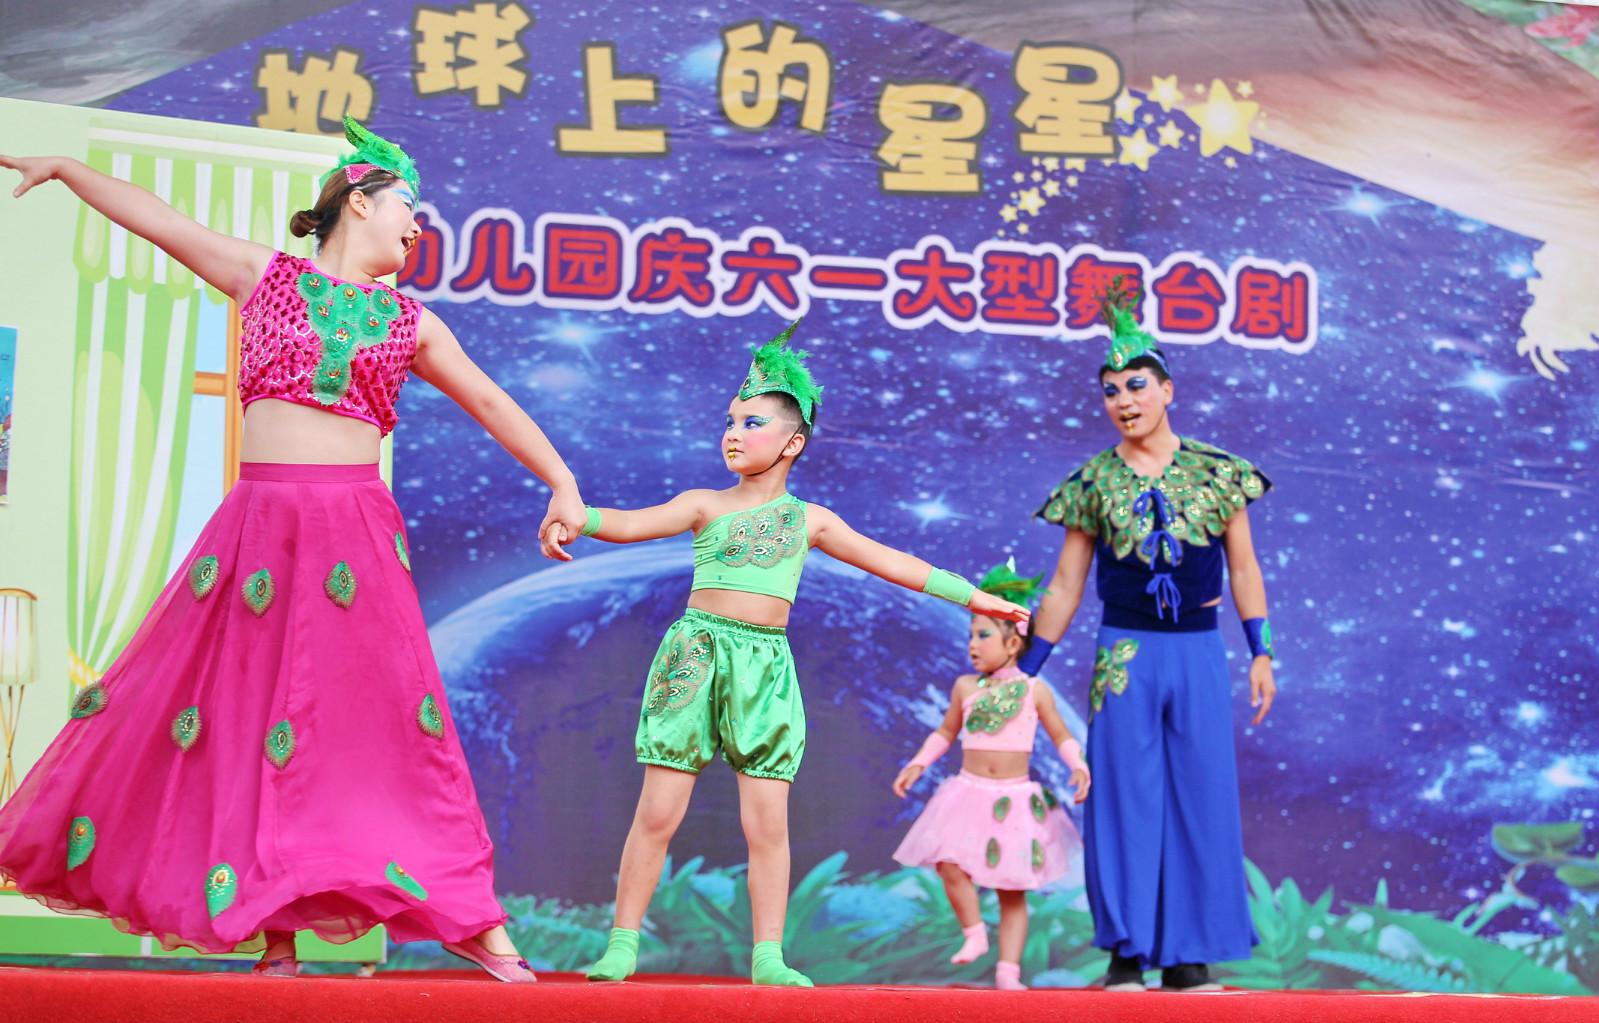 云天化幼儿园庆六一大型舞台剧表演《地球上的星星》